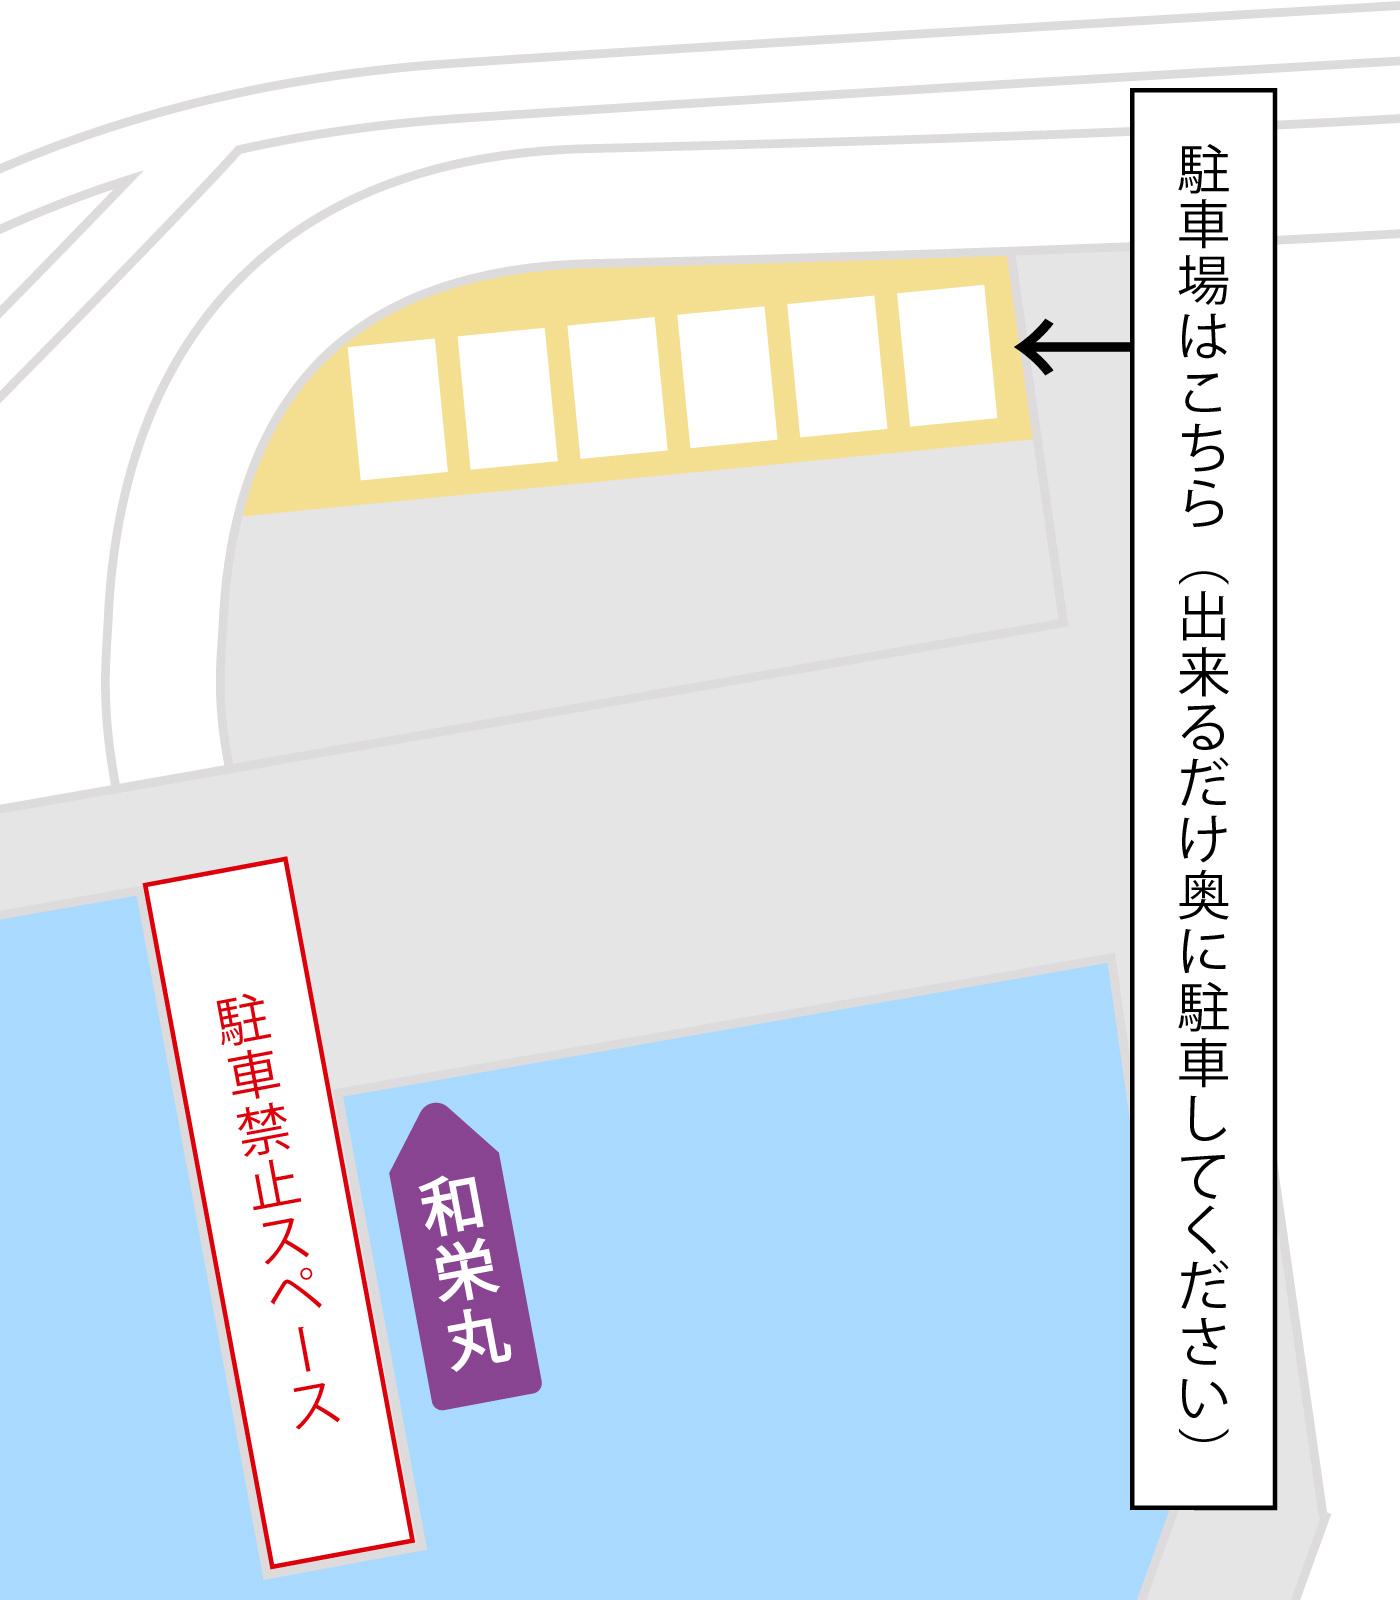 和栄丸駐車場はこちら